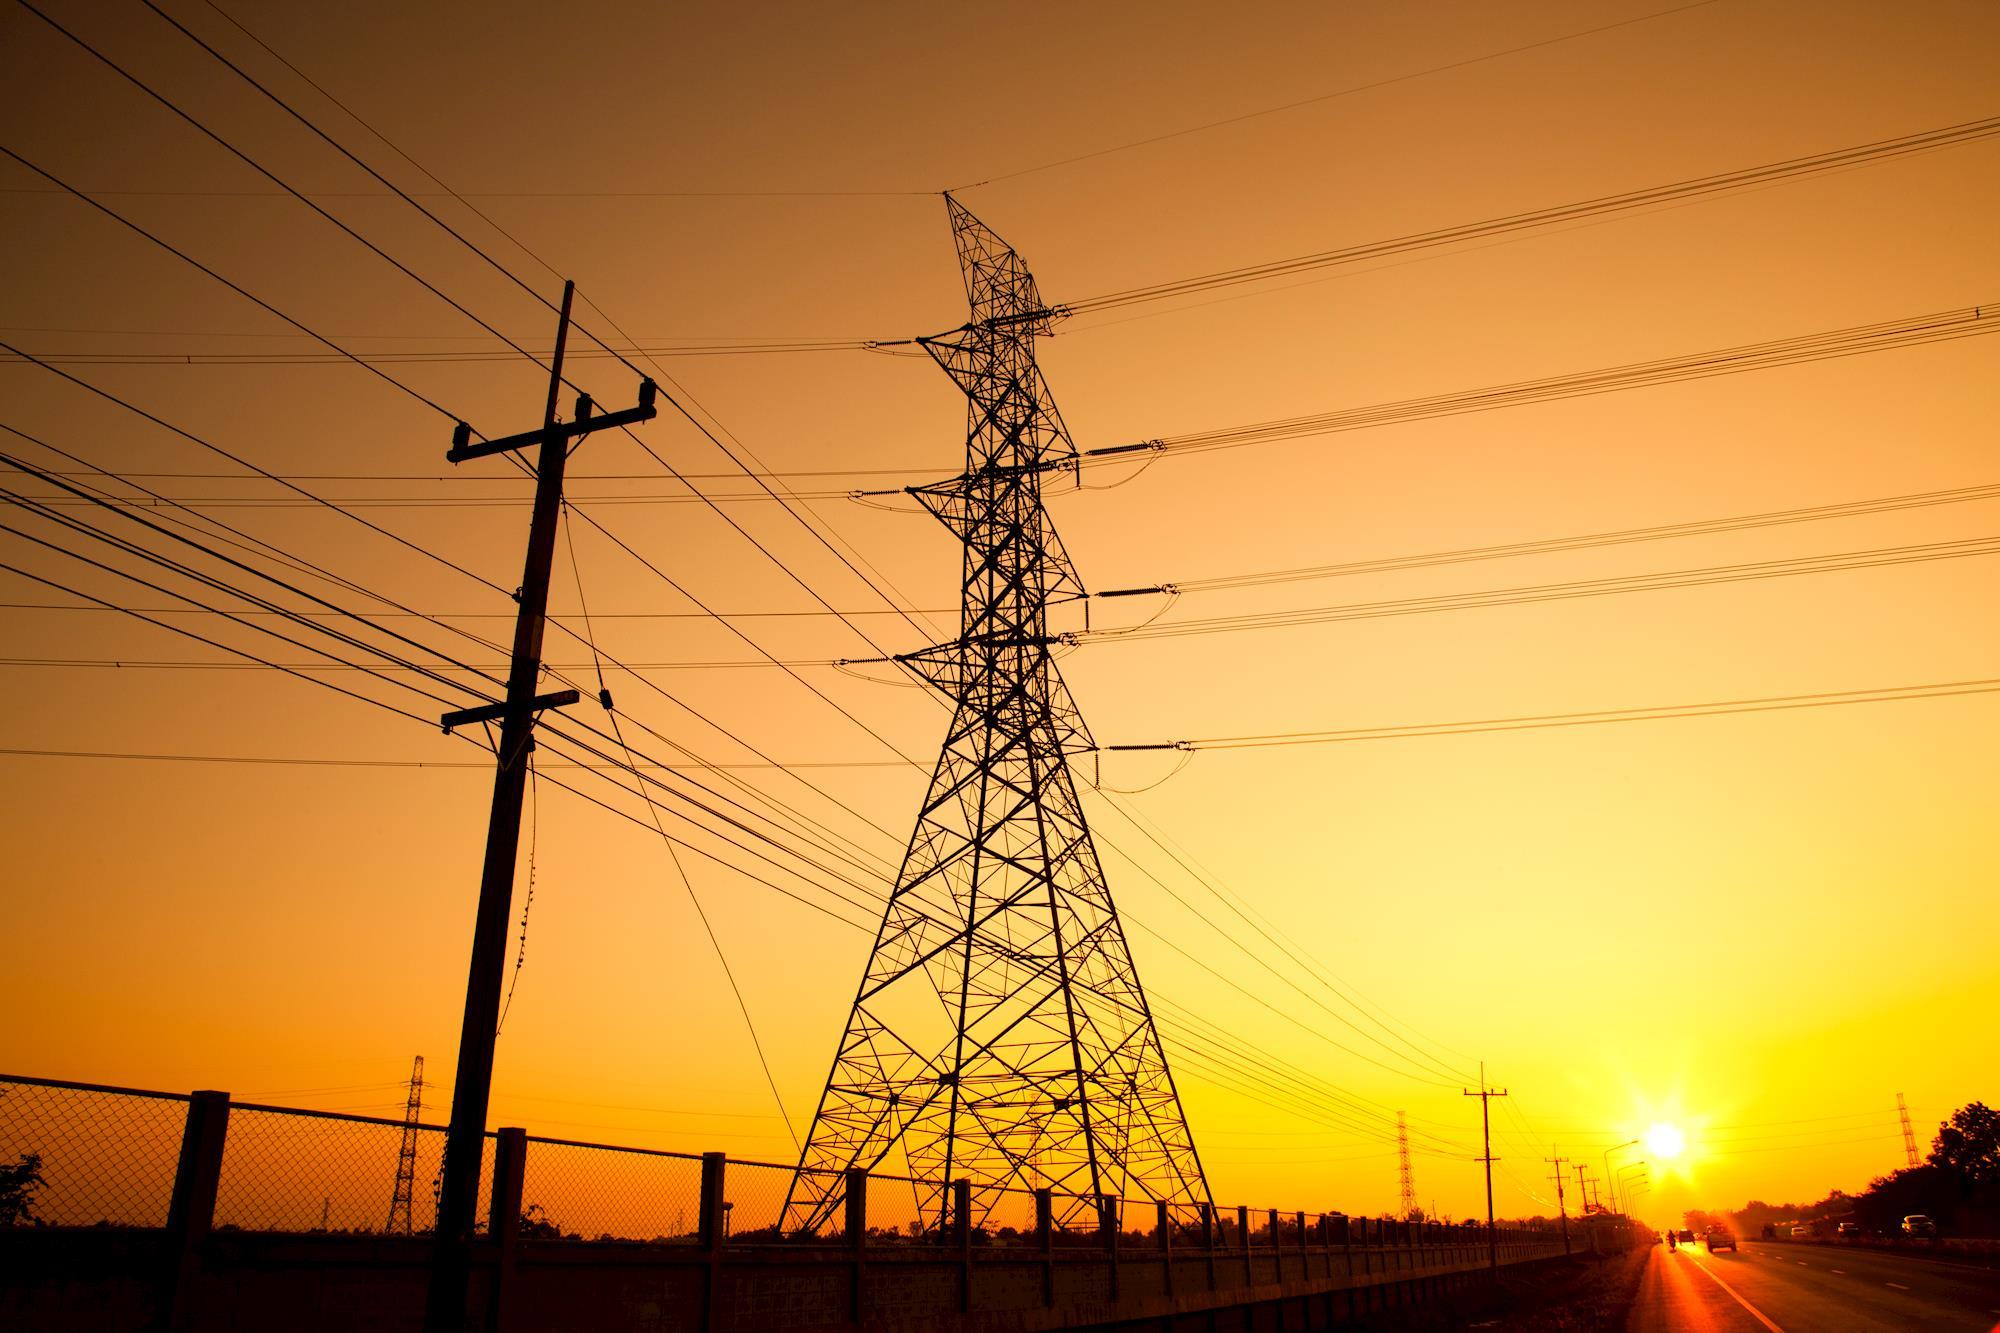 Grandes elétricas investem em geração distribuída